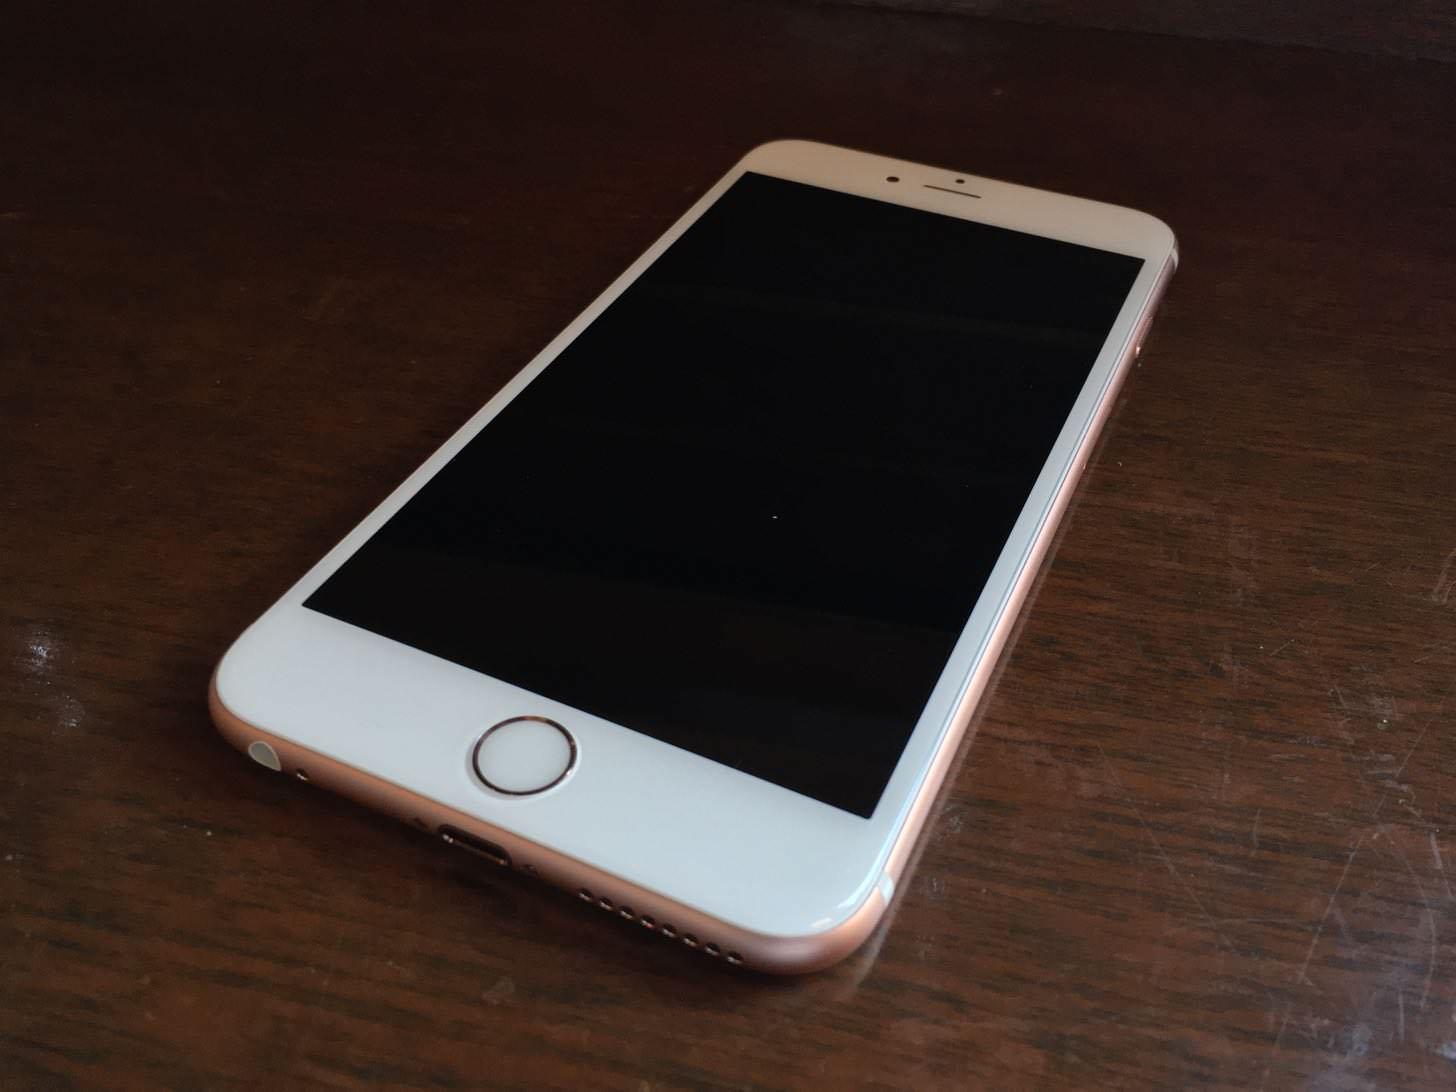 iPhone 6s Plus ローズゴールド 64GBの正面。